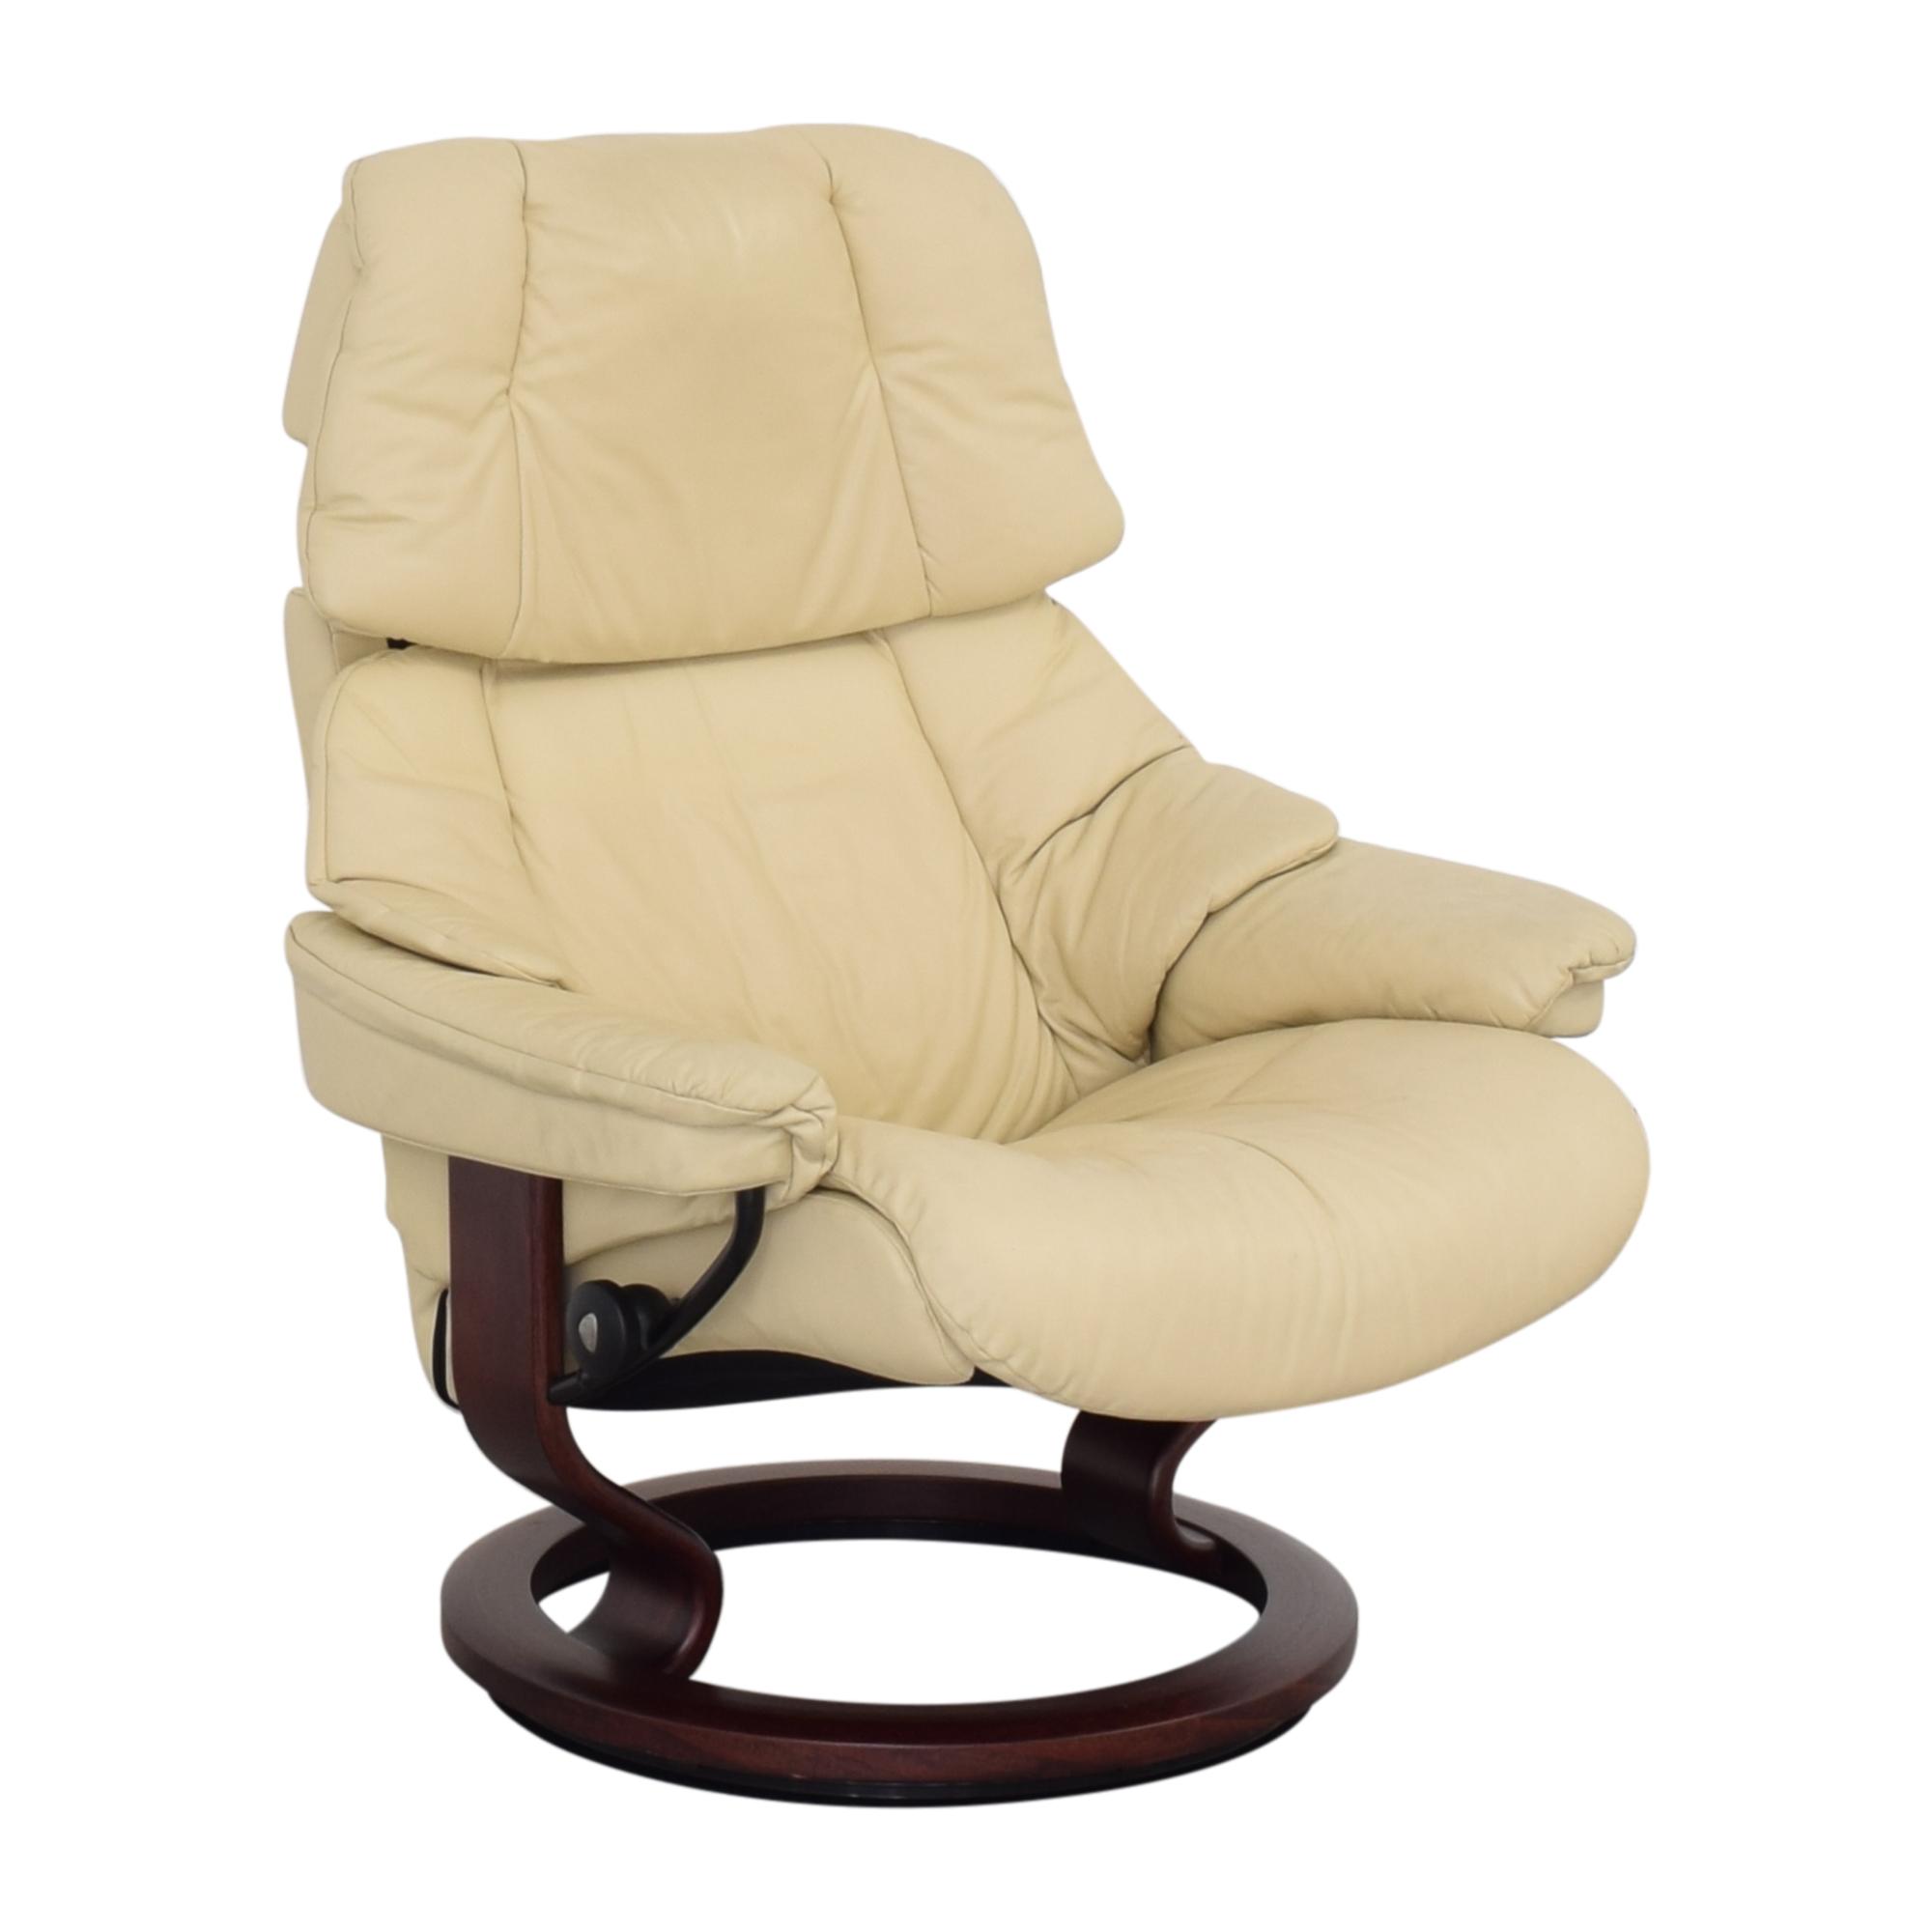 Ekornes Ekornes Large Recliner and Footrest on sale